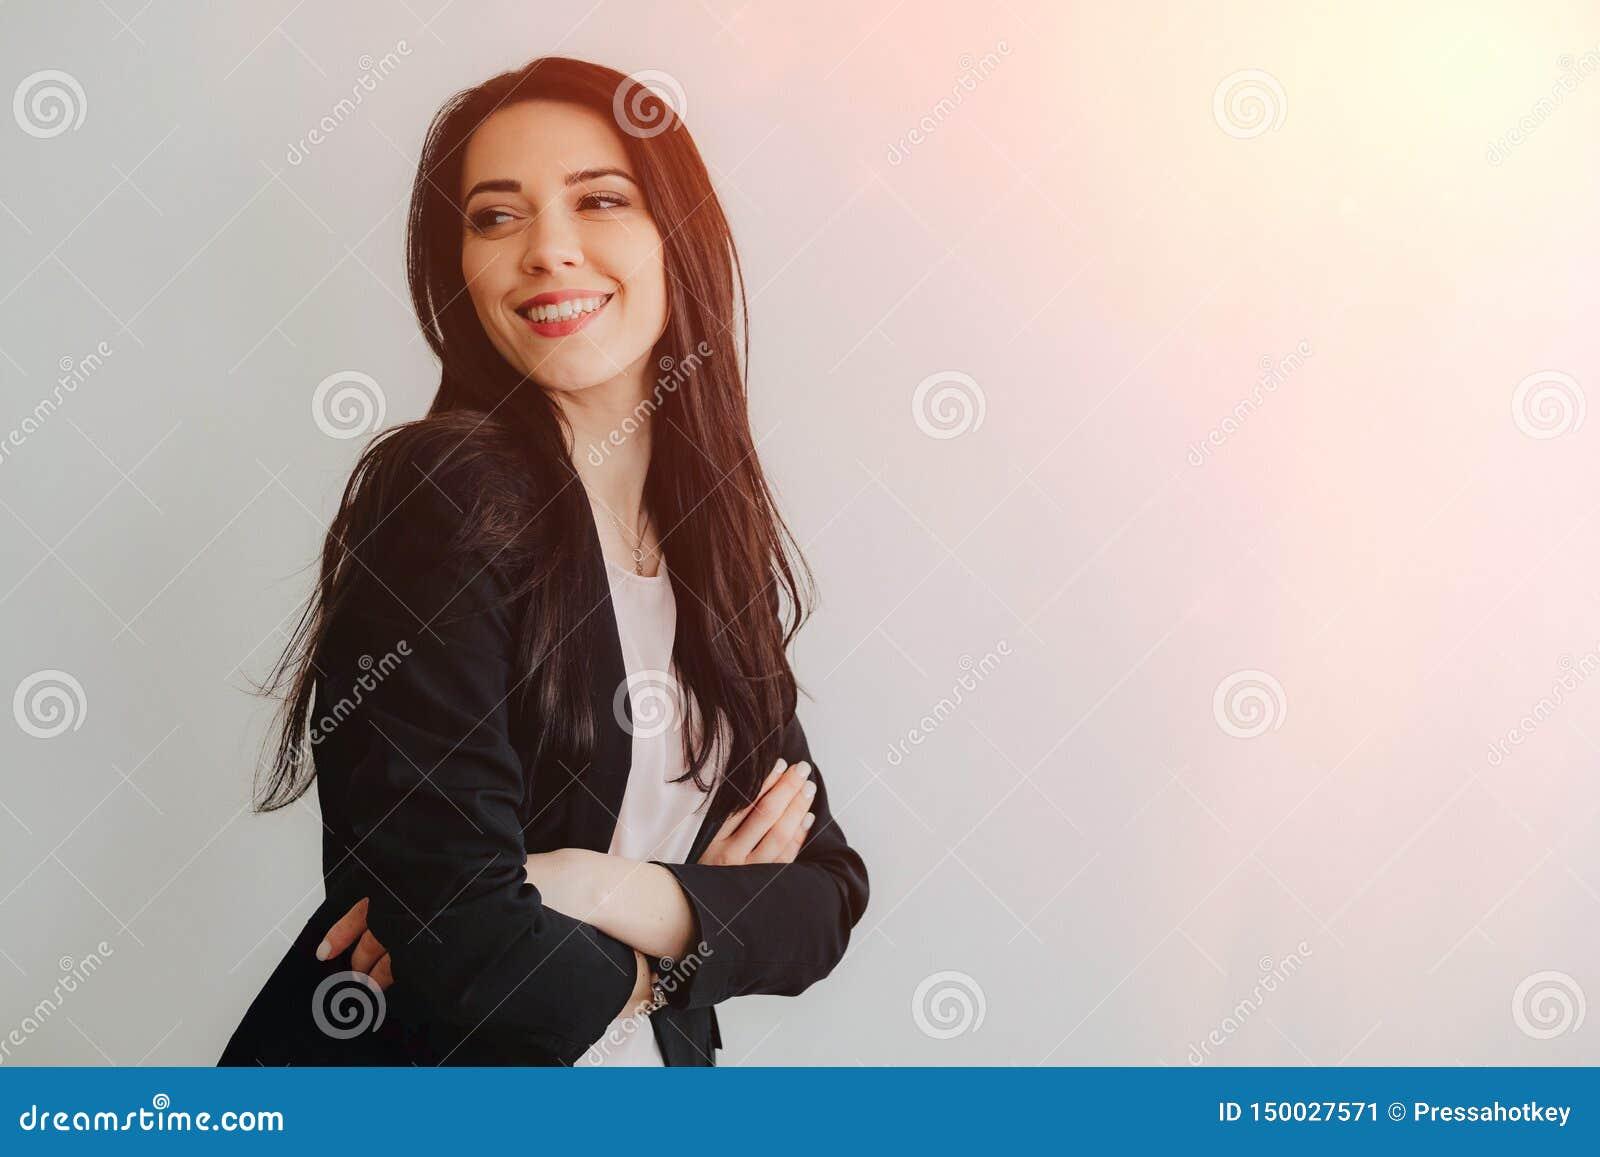 Jong aantrekkelijk emotioneel meisje in zaken-stijl kleren op een duidelijke witte achtergrond in een bureau of een publiek